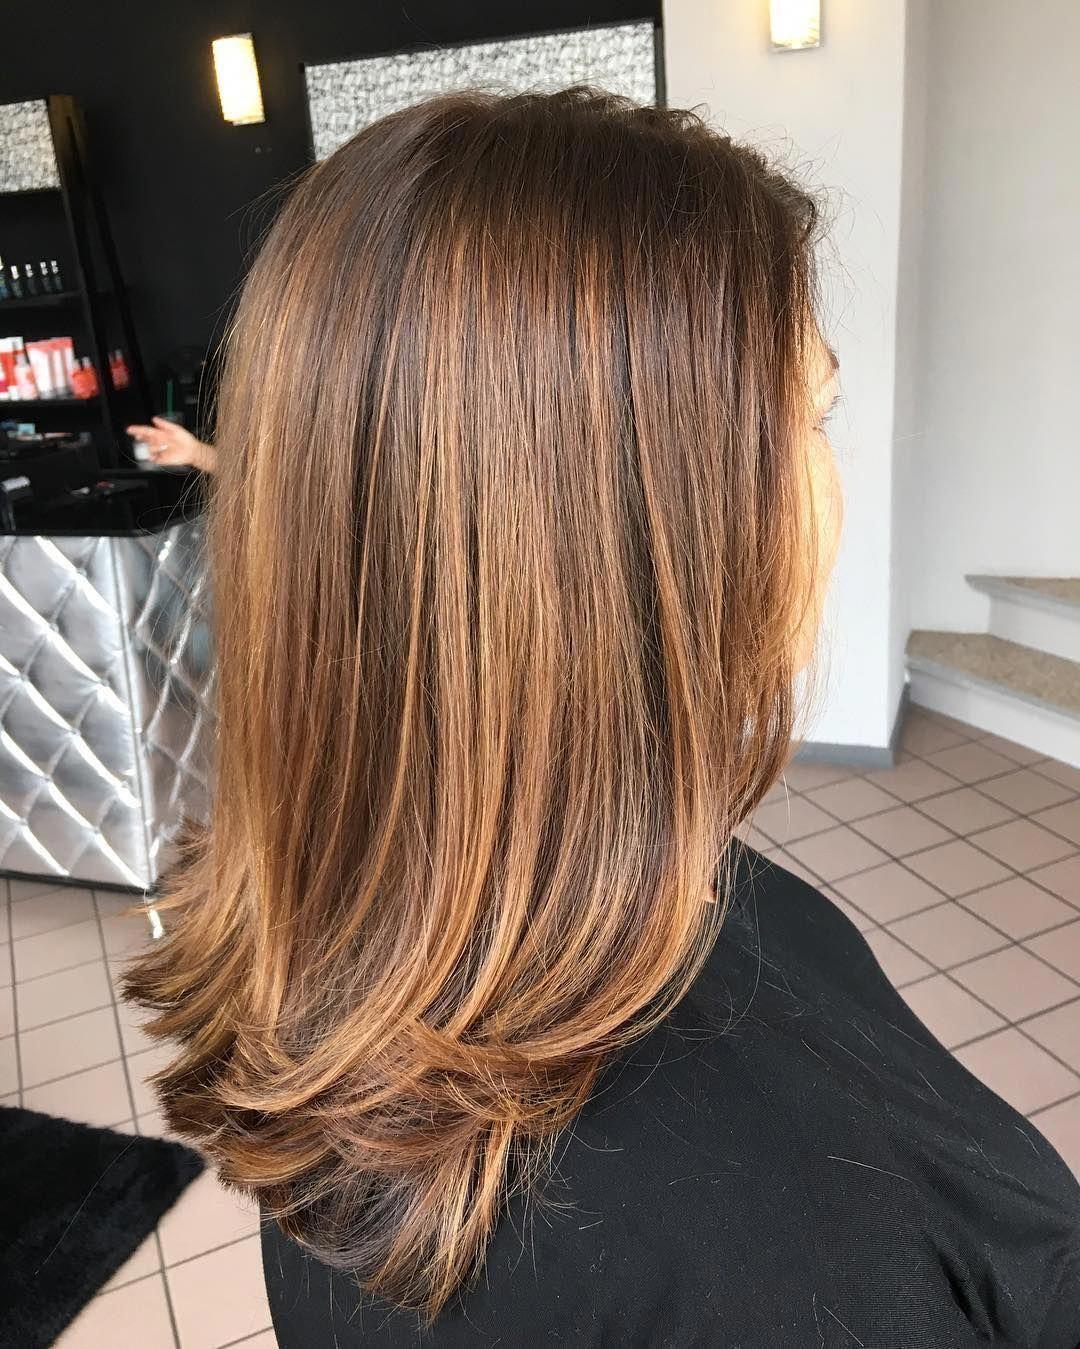 50 herrliche dunkle und helle goldbraune Haarfarbe Ideen #